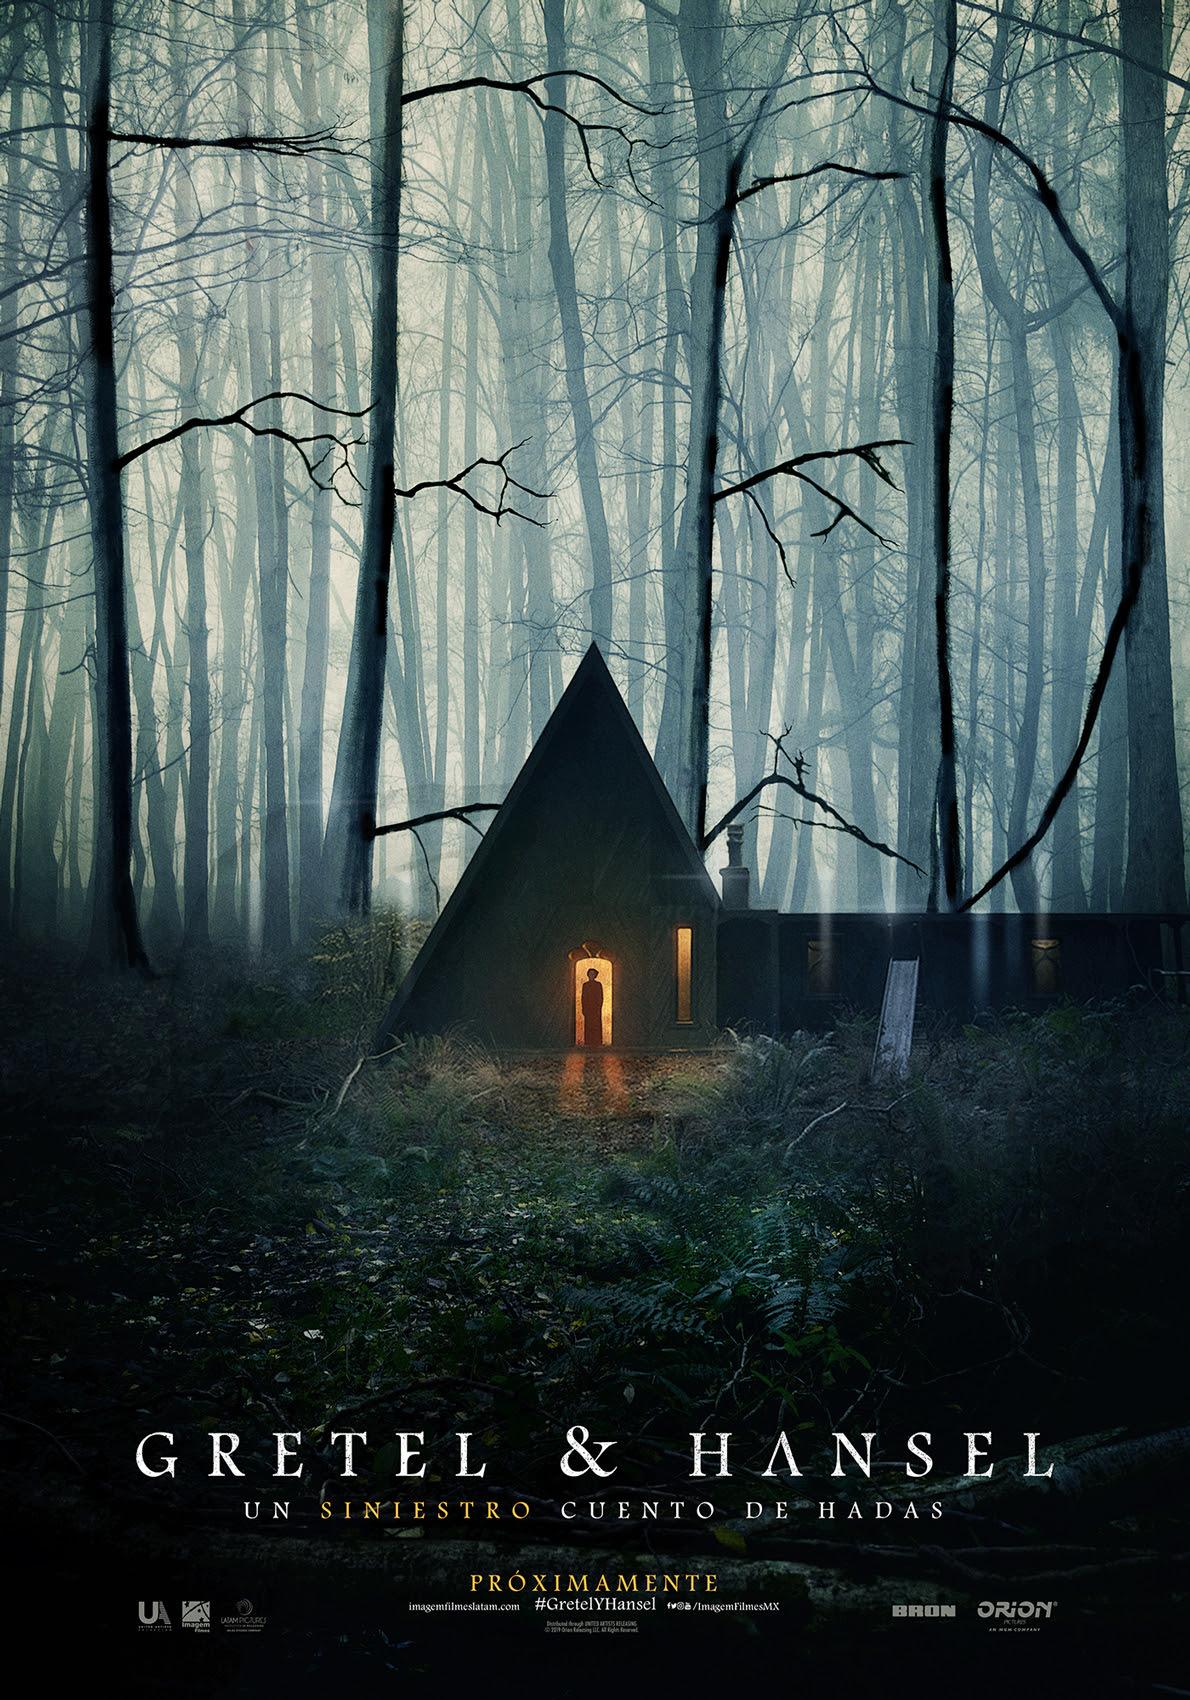 gretel hanse poster - Trailer oficial de Gretel y Hansel con Sophia Lillis